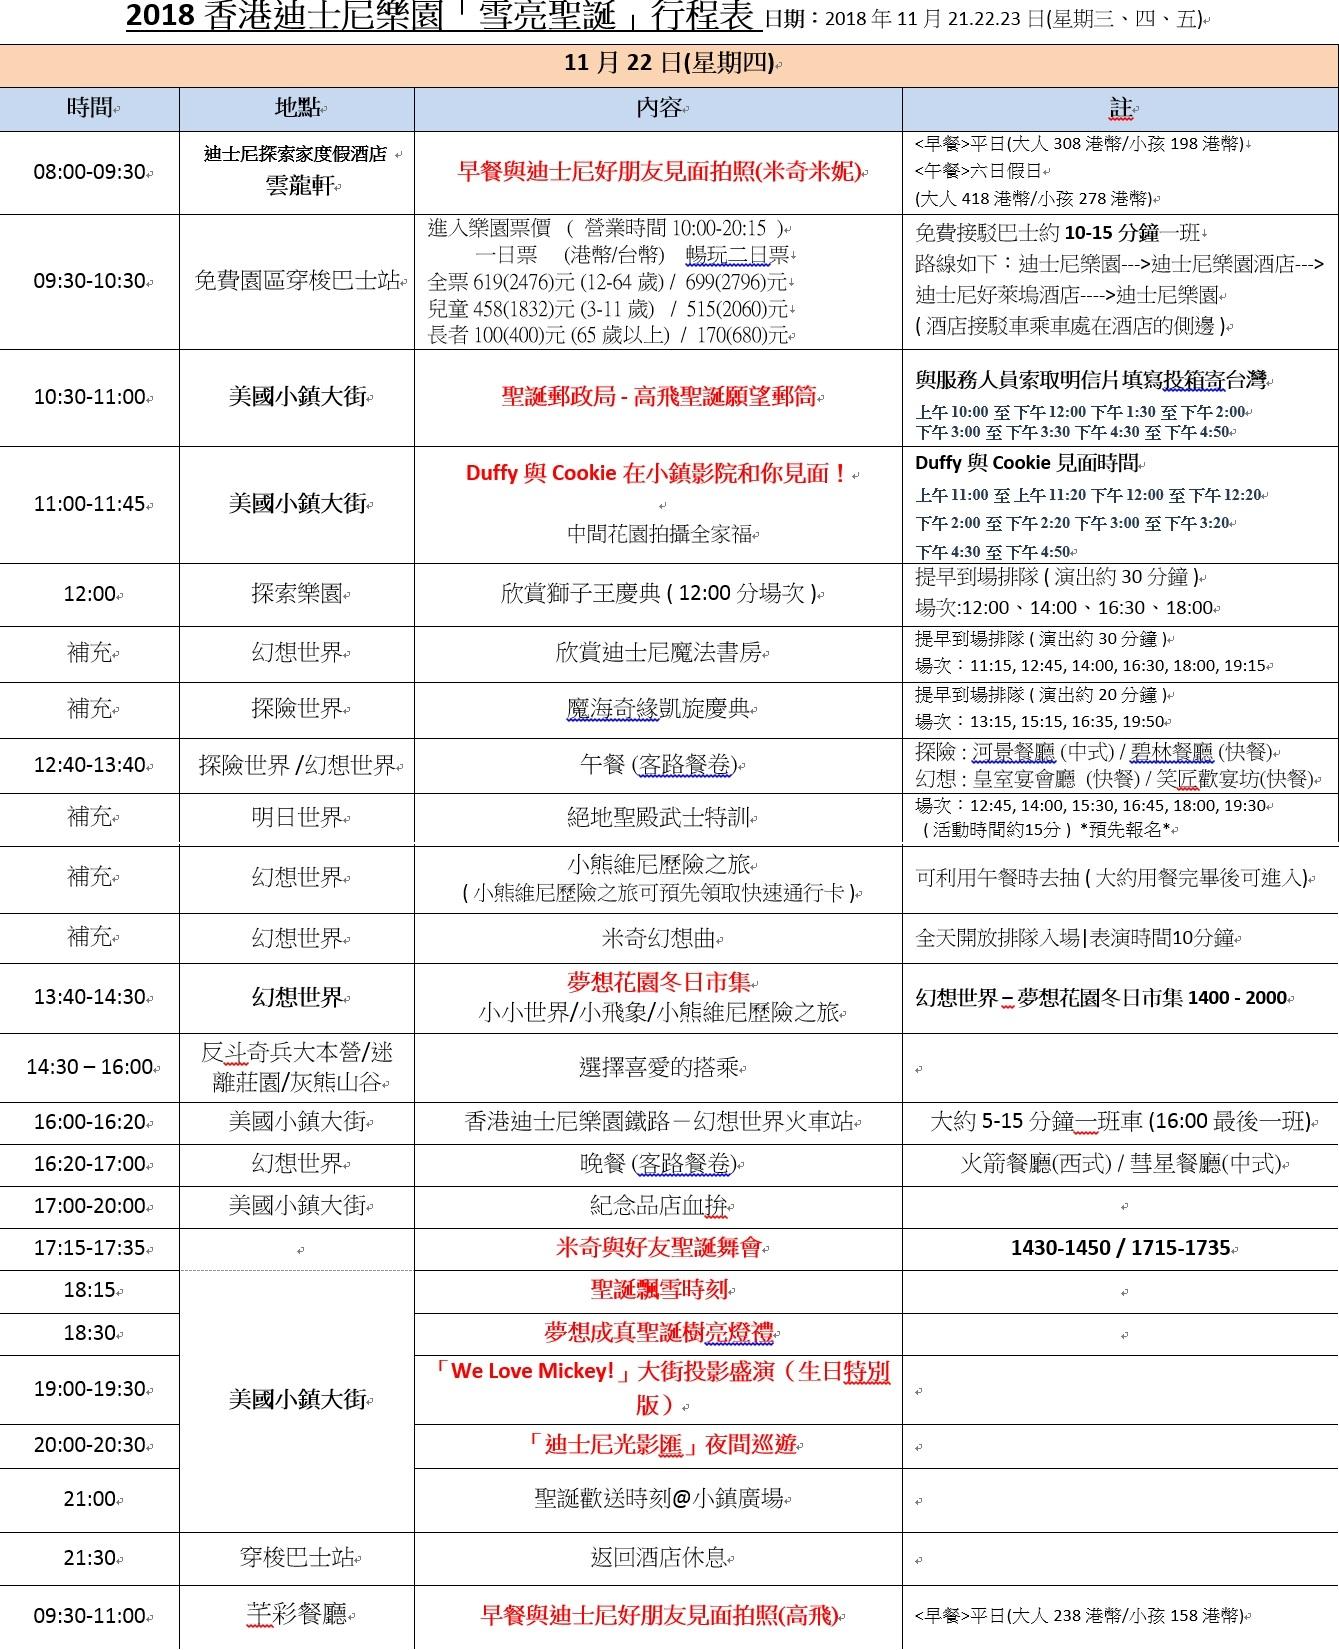 香港迪士尼樂園行程表-20181119(新版)